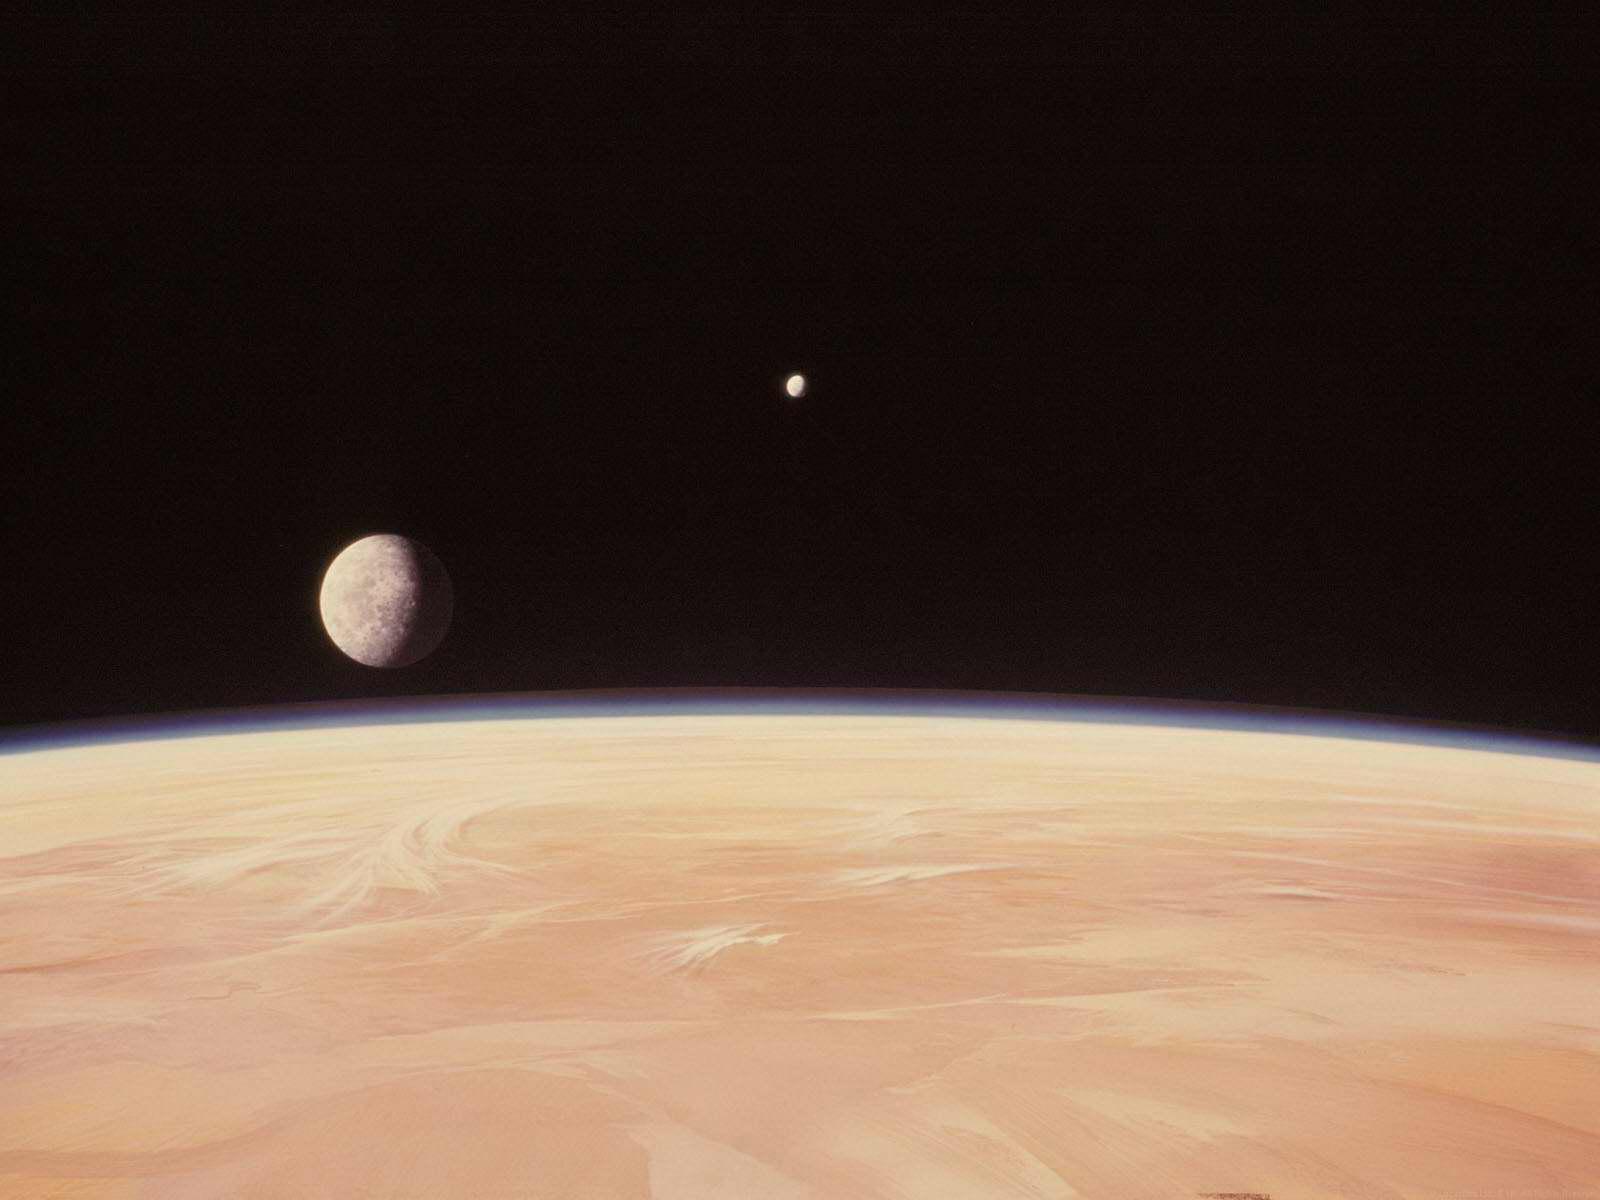 File:Tatooine.jpg